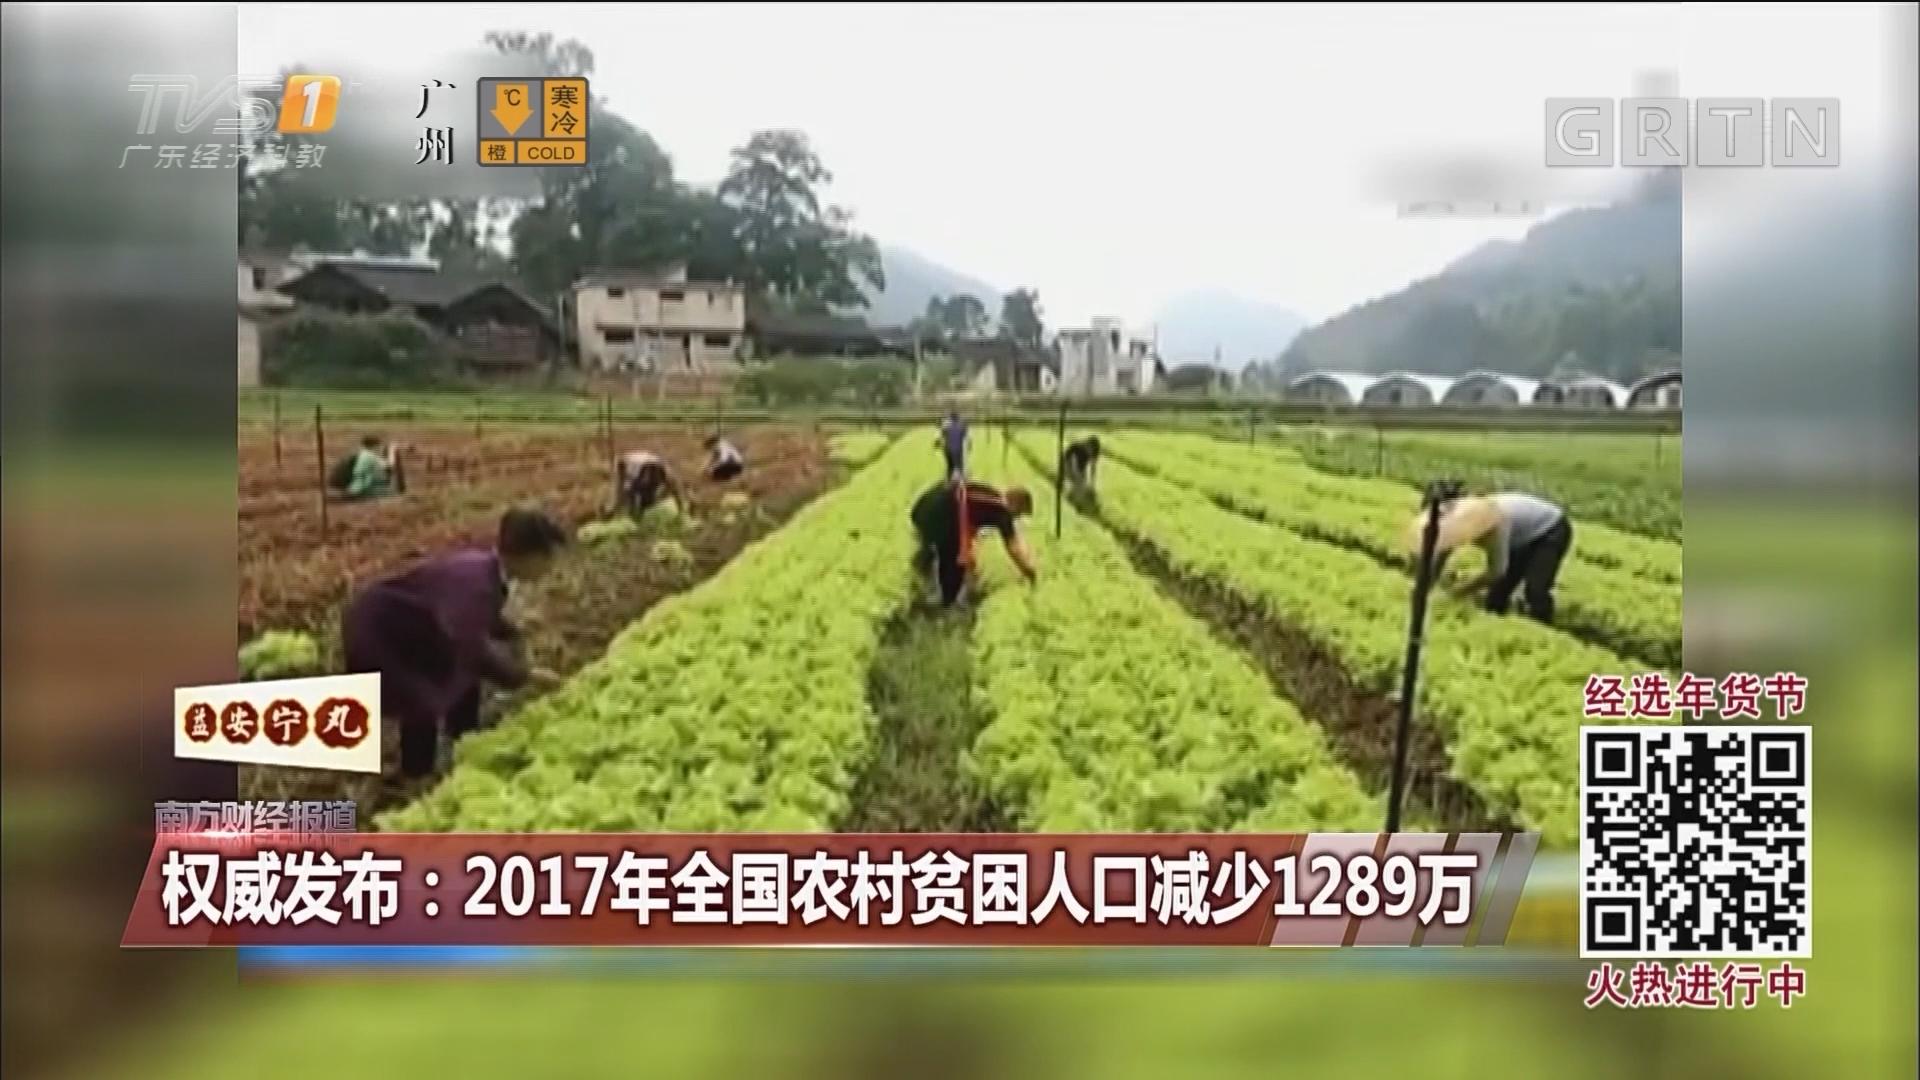 权威发布:2017年全国农村贫困人口减少1289万